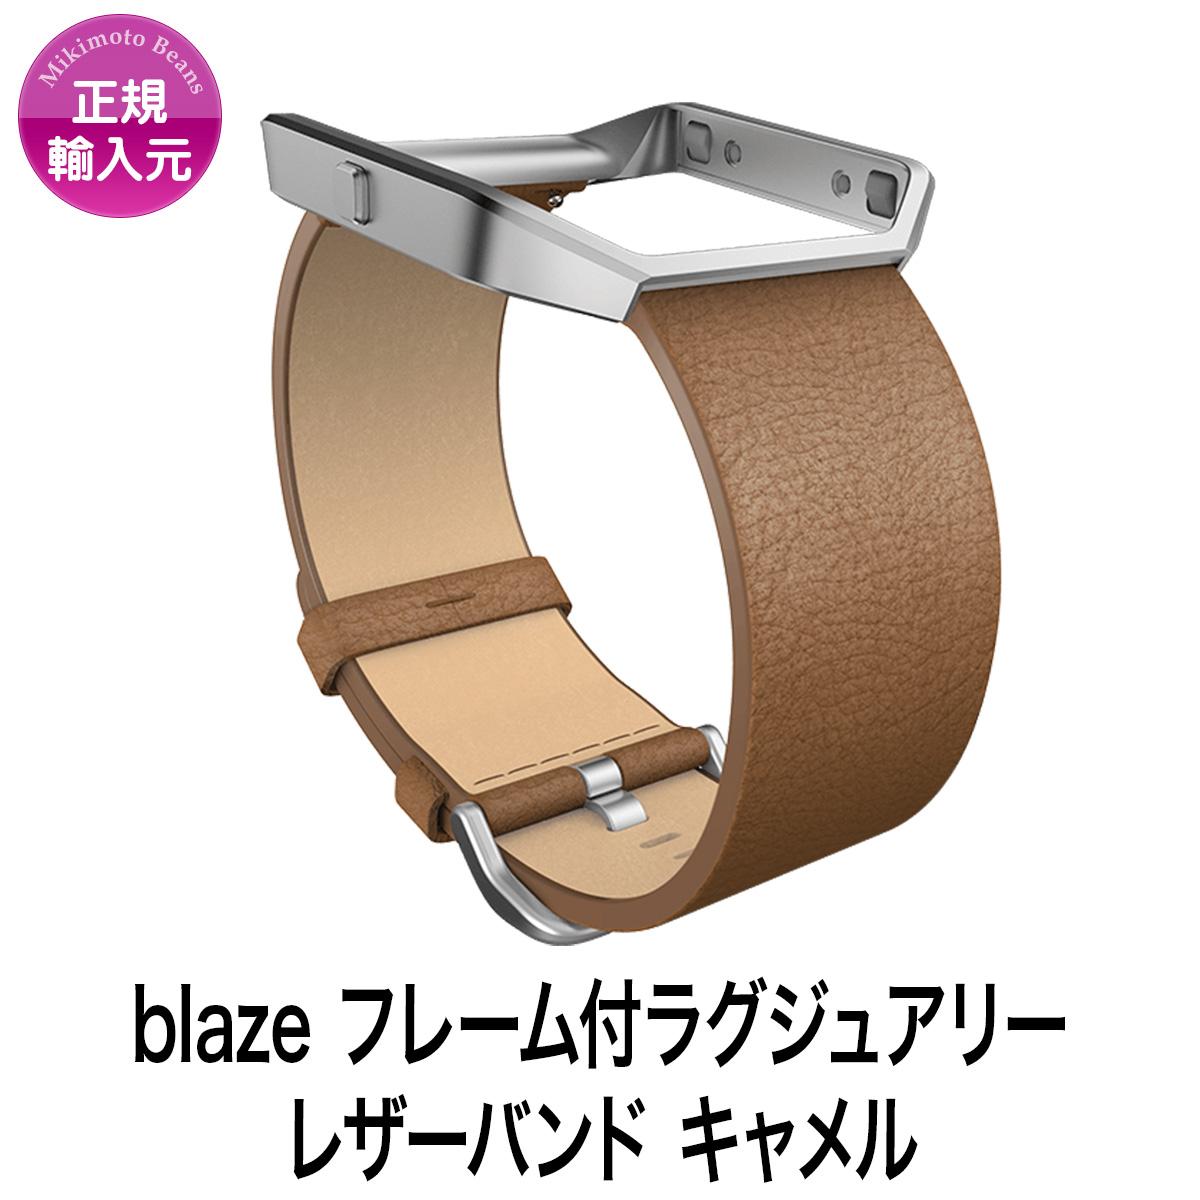 【FitbitBlazeアクセサリー】【フレーム付ラグジュアリーレザーバンド】【カラー:キャメル】【サイズ:S (140-170mm)/ L(170-206mm) 】トラッカーは含まれておりません。